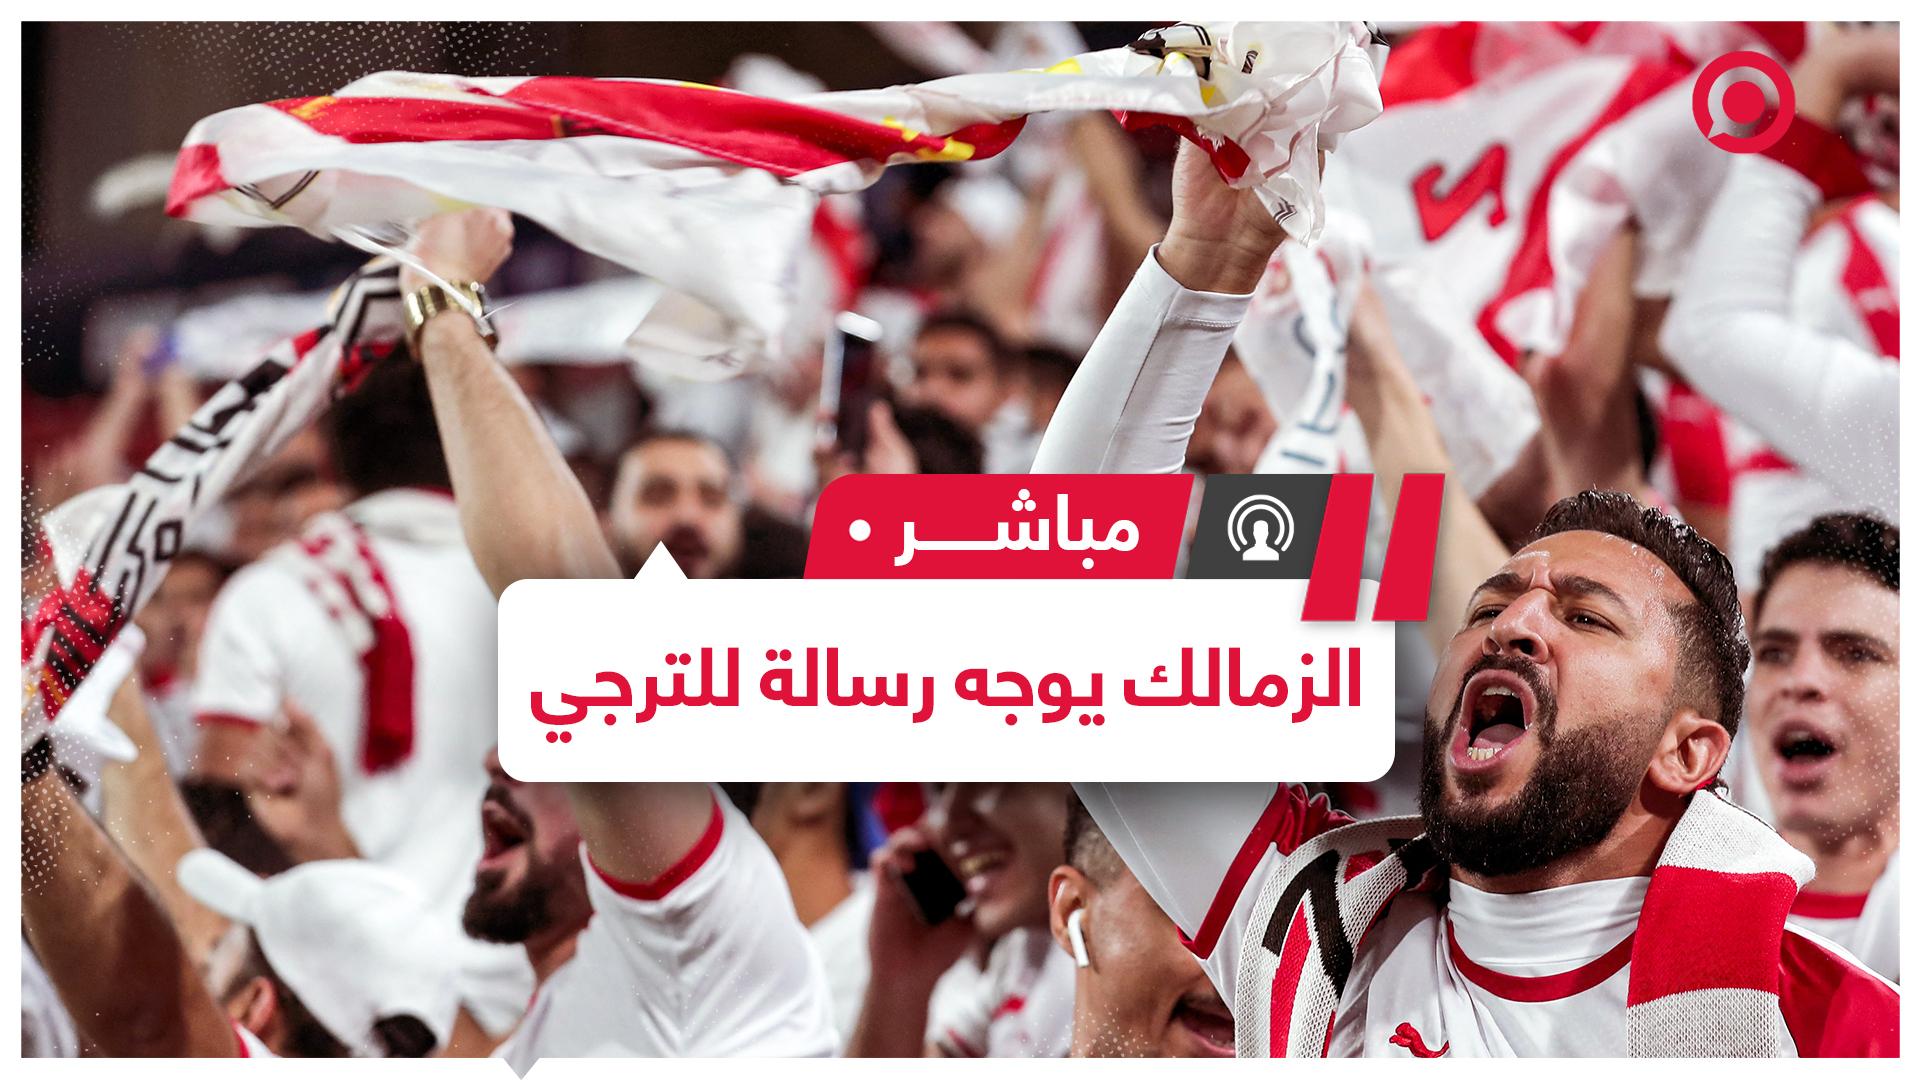 الزمالك المصري ينتظر هدية من الترجي الذي يواجه مولودية الجزائر الطامح بالتأهل